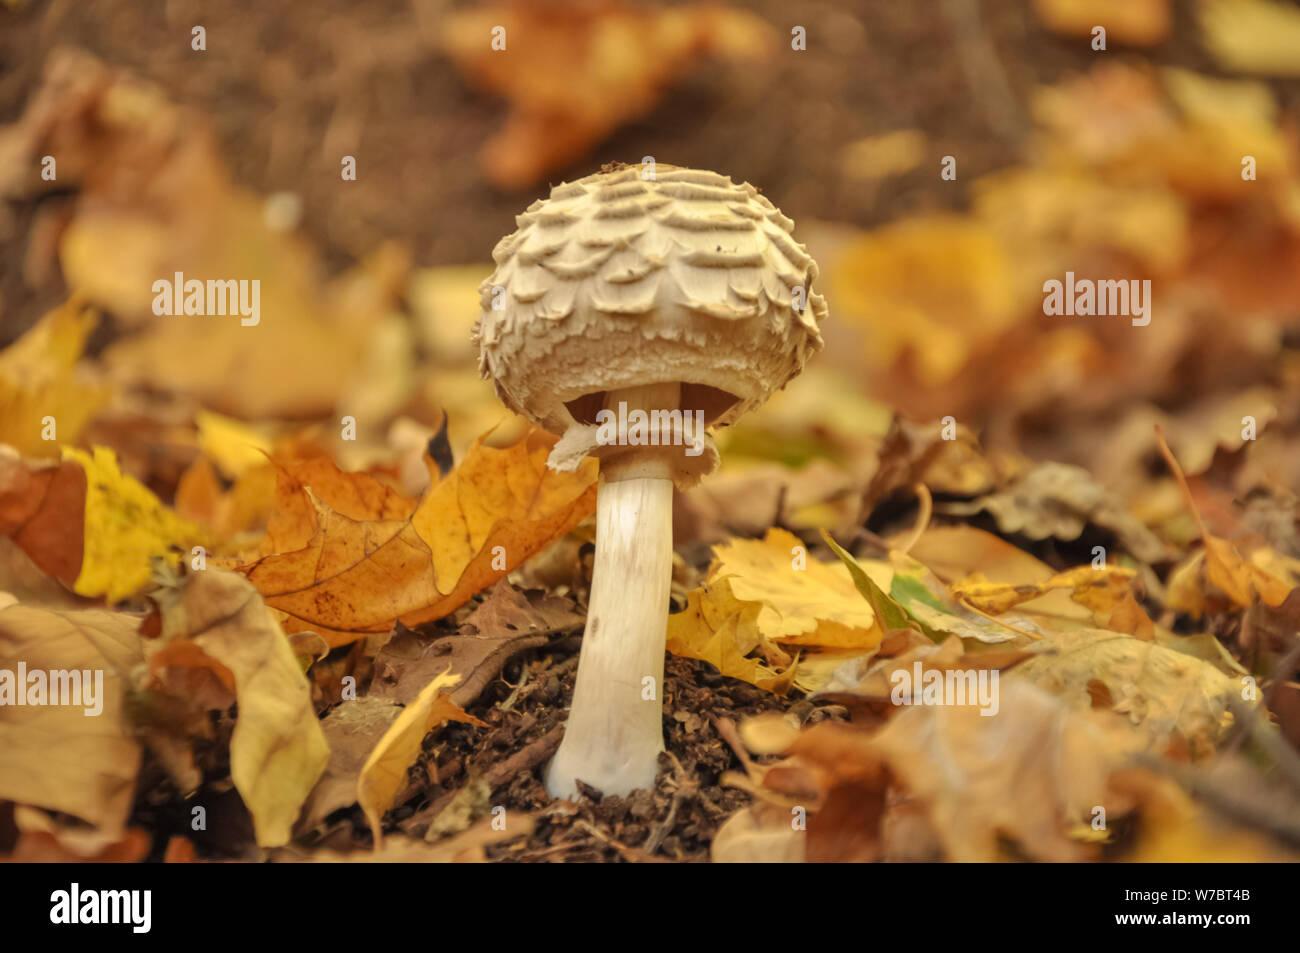 Schöne weiße giftigen Pilz in gelbe Blätter, Herbst Jahreszeit. wenig frische Pilze im Herbst Wald wächst. Pilze sammeln Konzept. kopieren Stockfoto